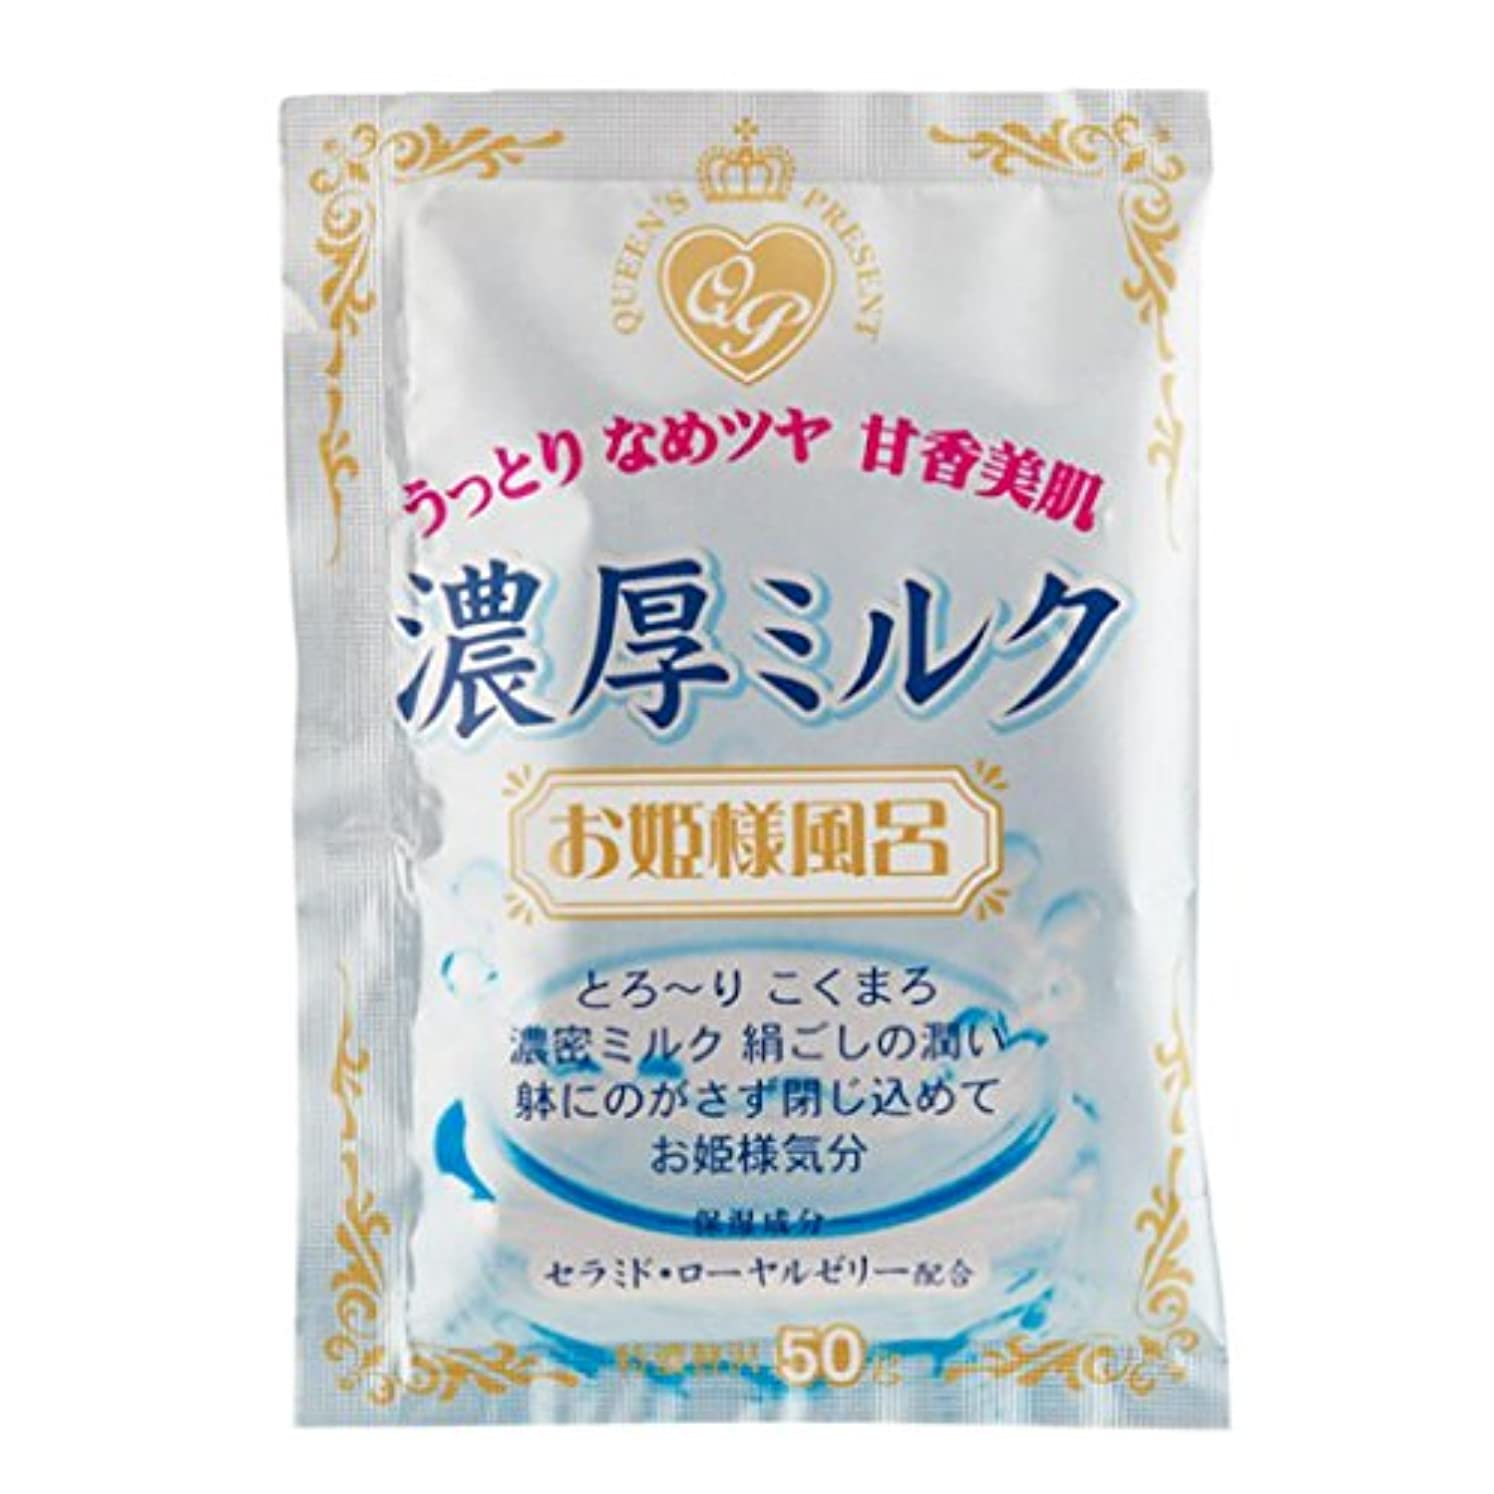 対話ストライク寂しい紀陽除虫菊 お姫様風呂  濃厚ミルク【まとめ買い12個セット】 N-8160